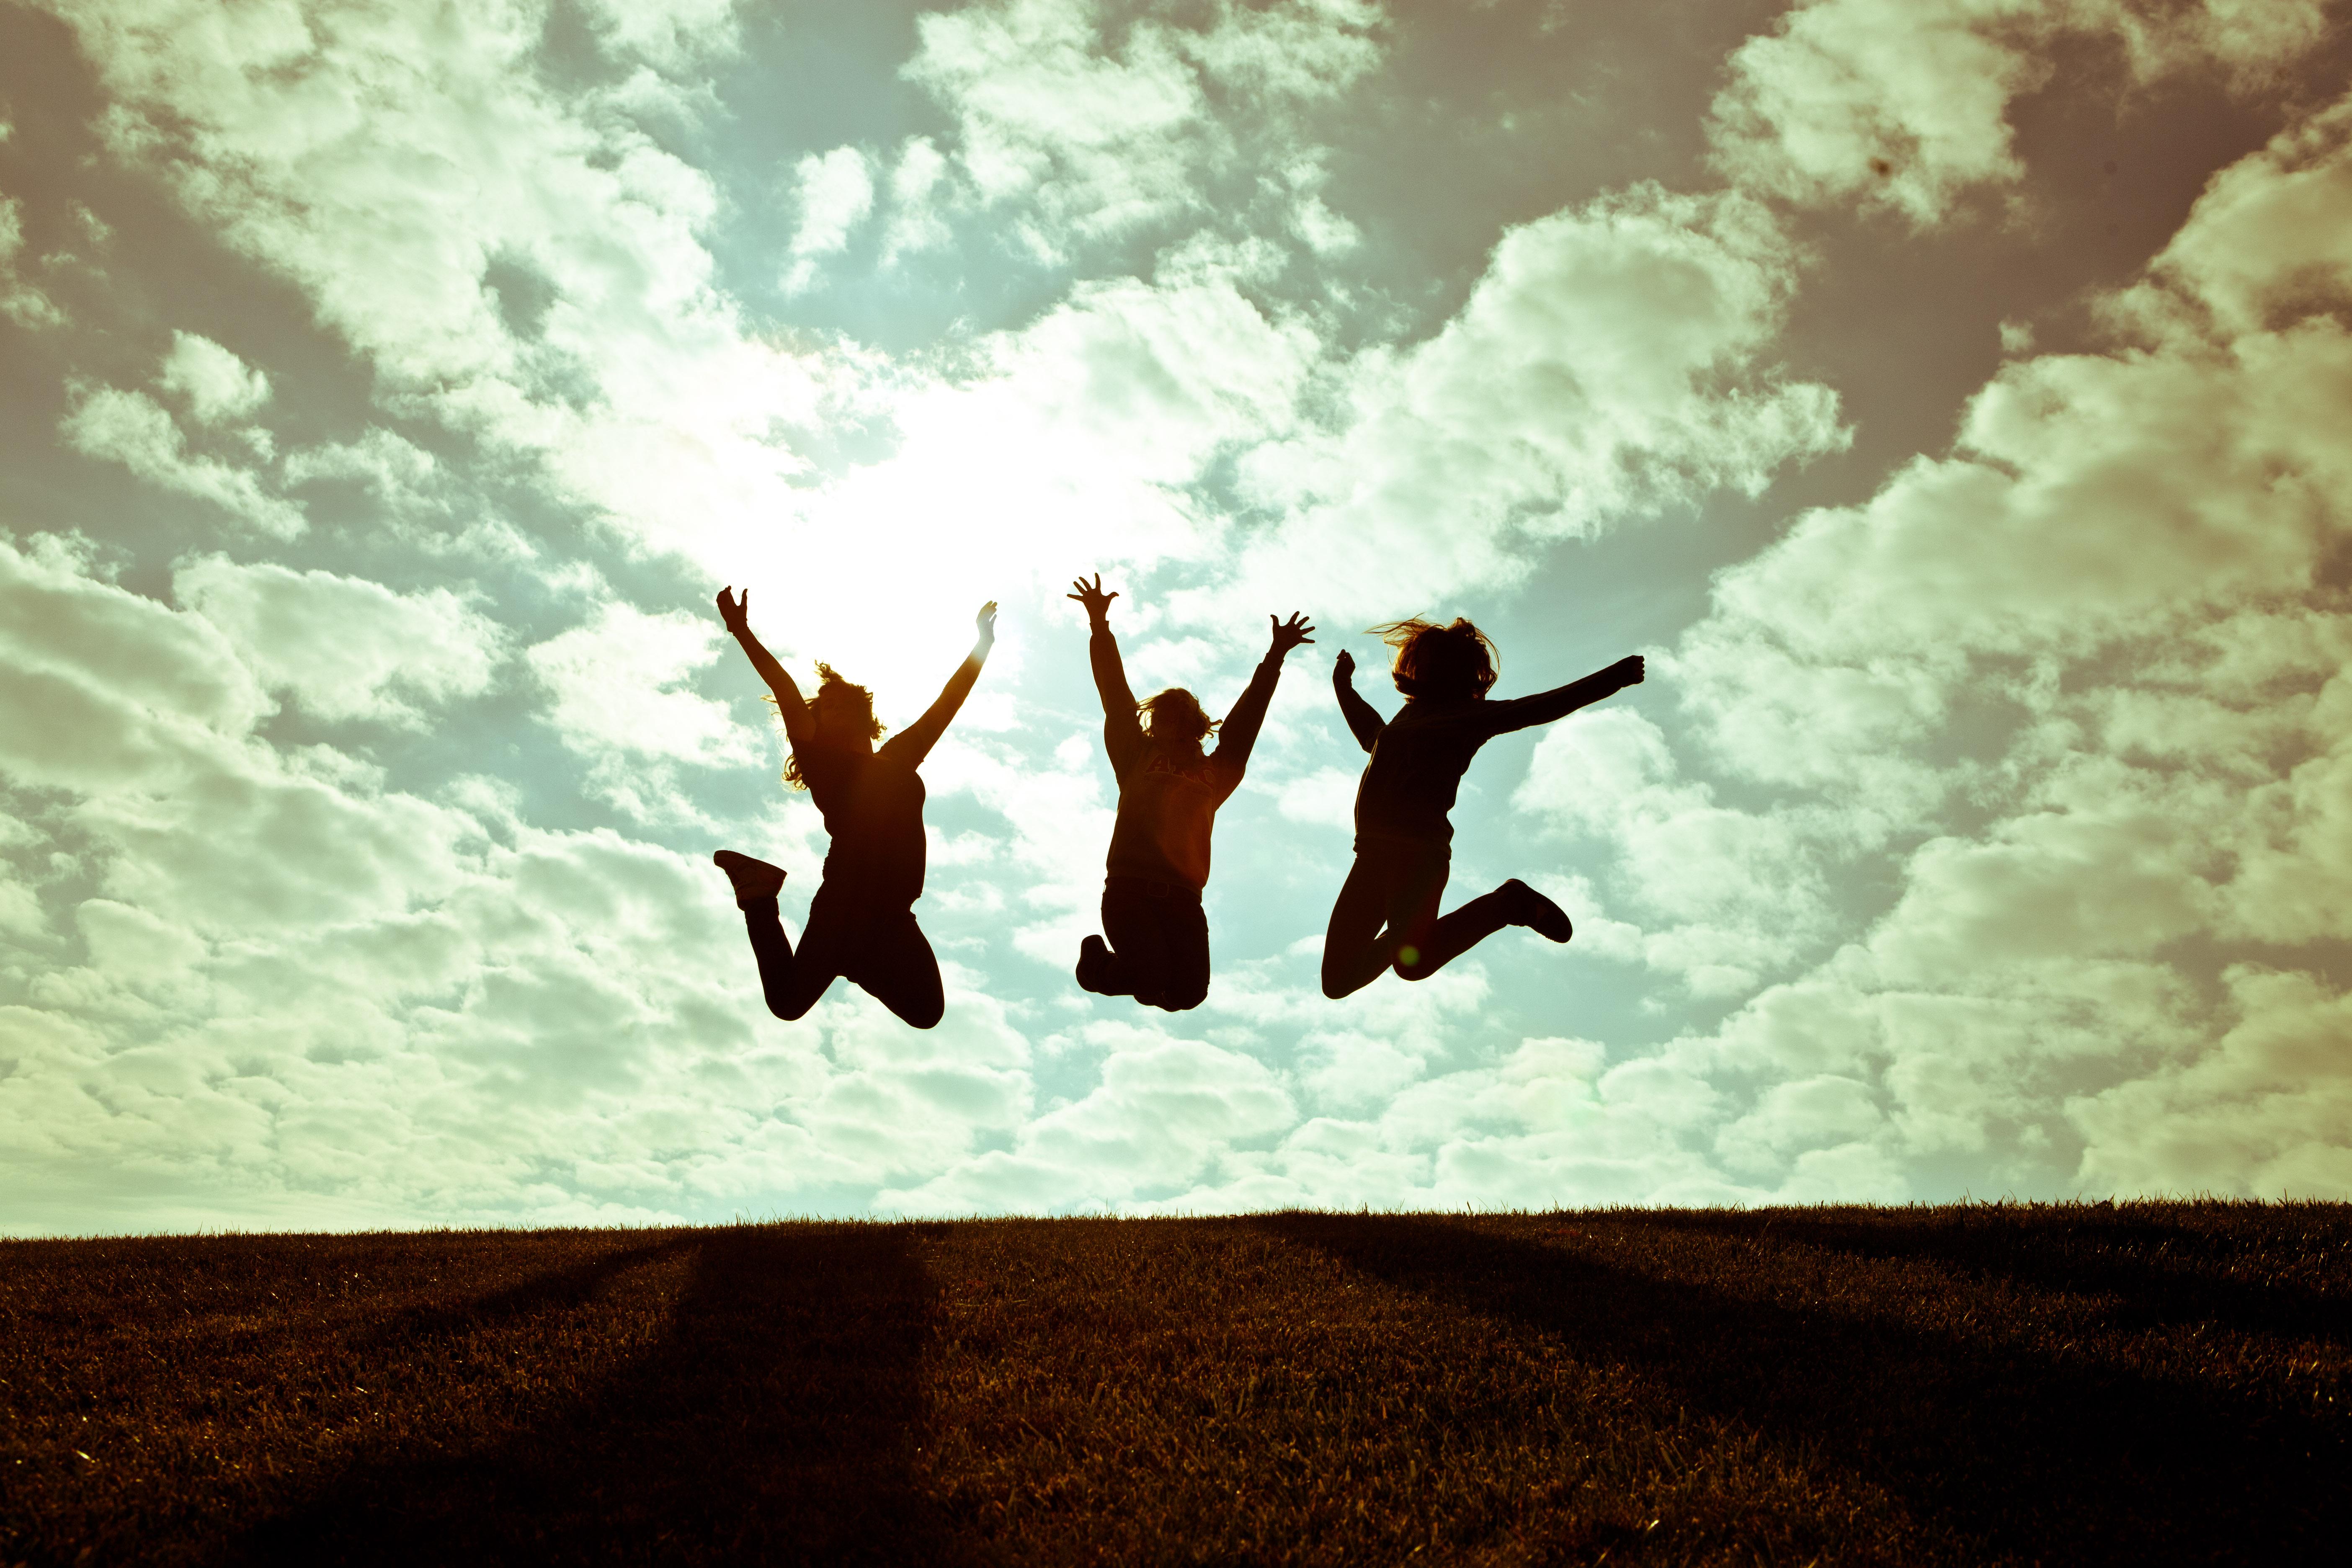 Chicas saltando - 5616x3744